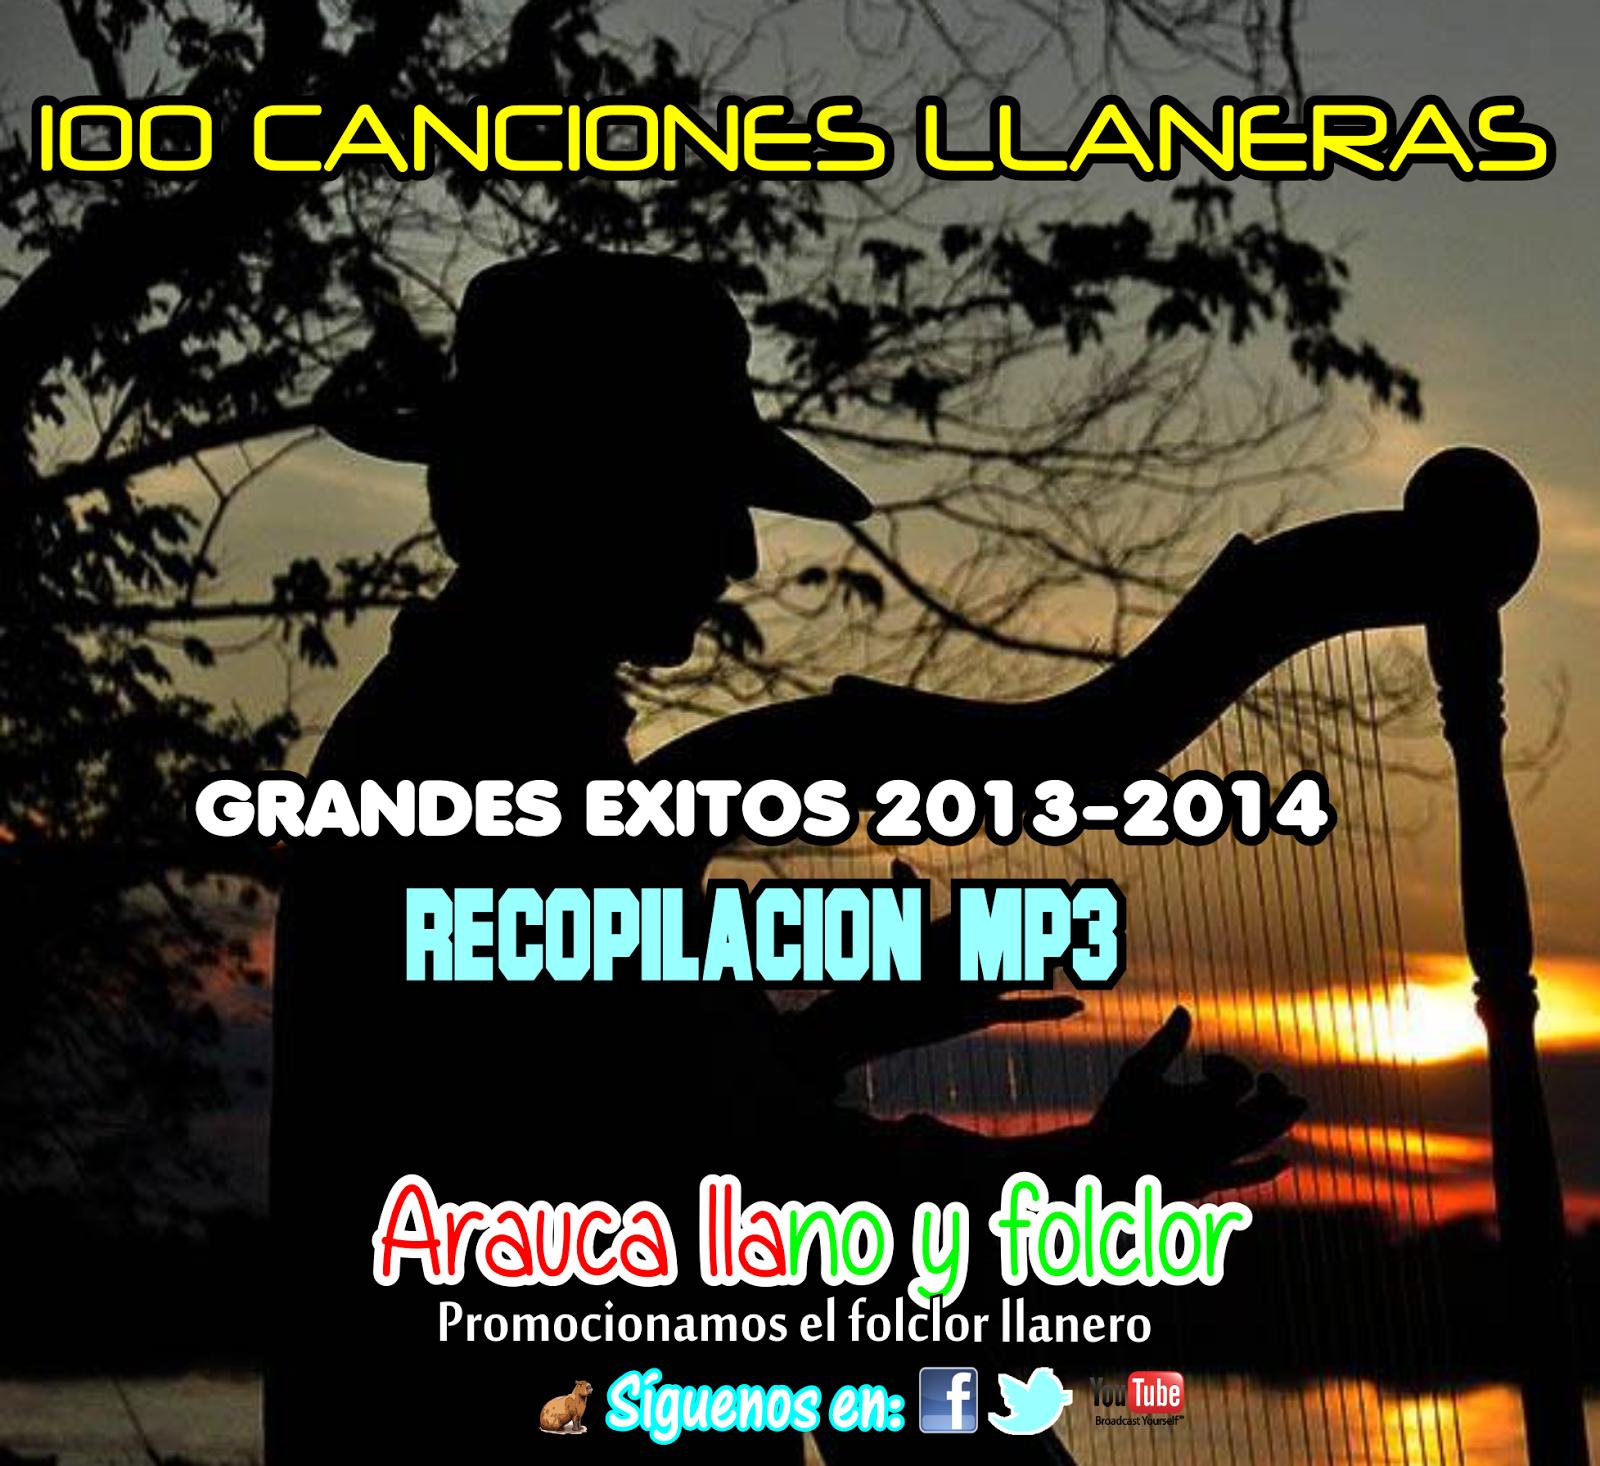 100 cancion mas sonadas: